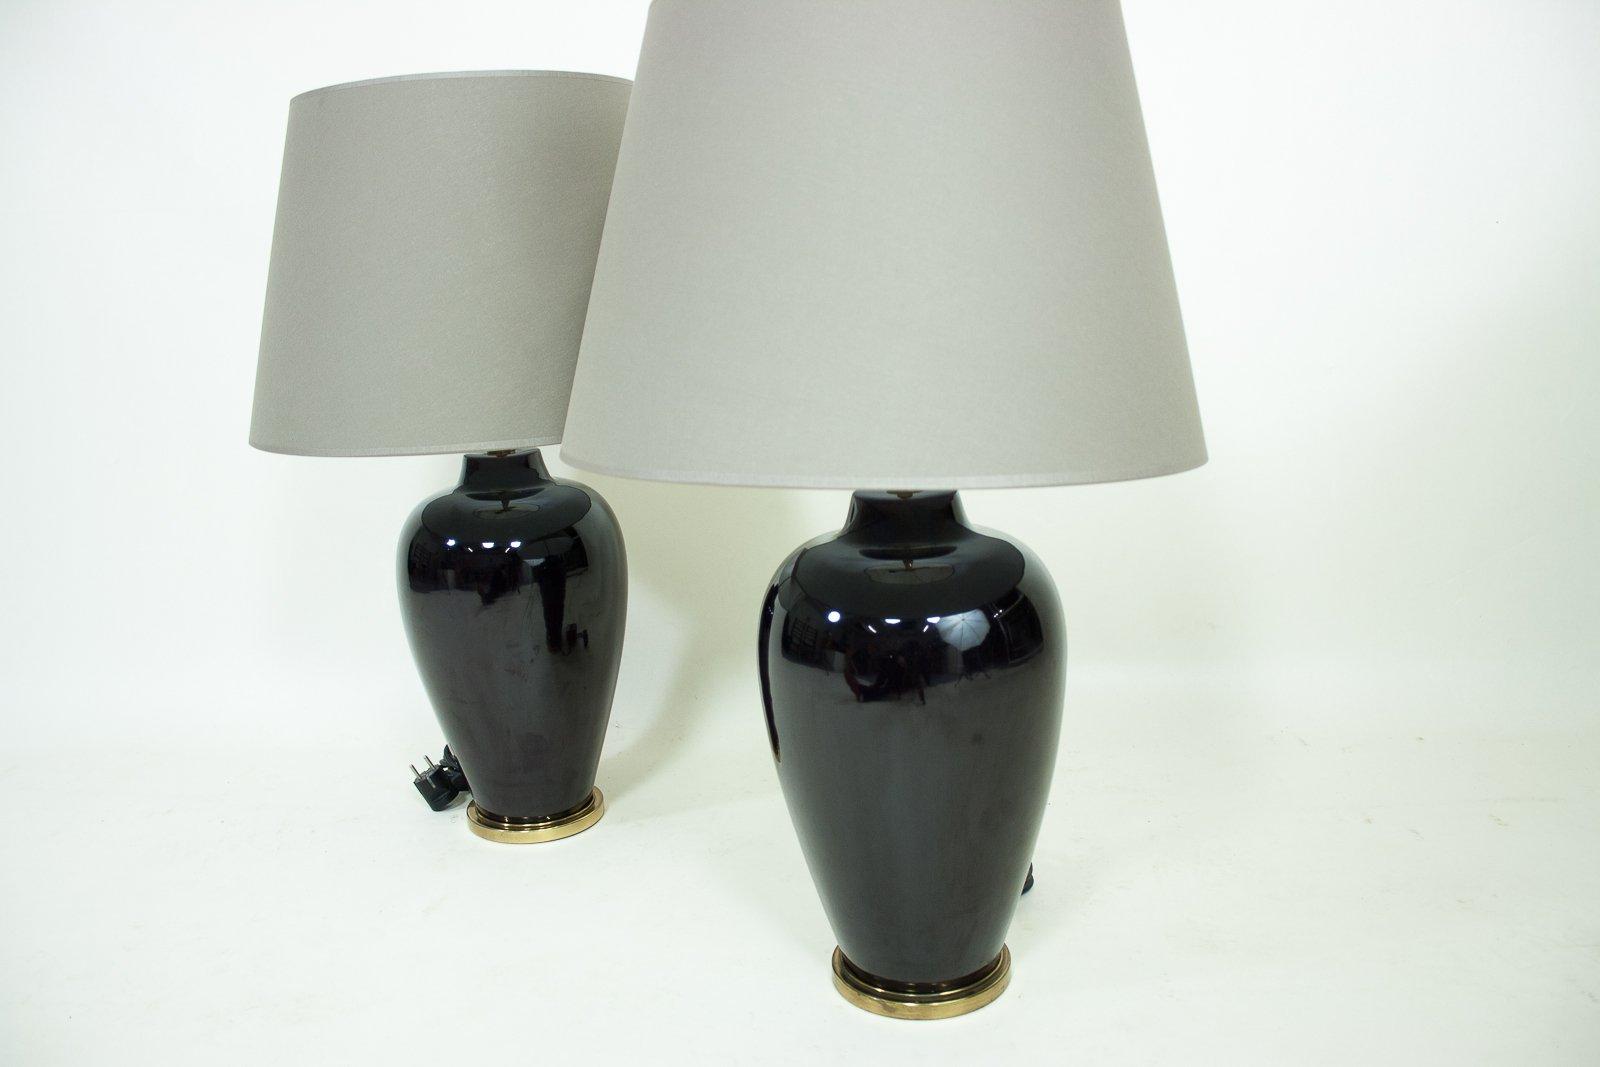 Vintage keramik messing lampen 2er set bei pamono kaufen for Lampen niederlande